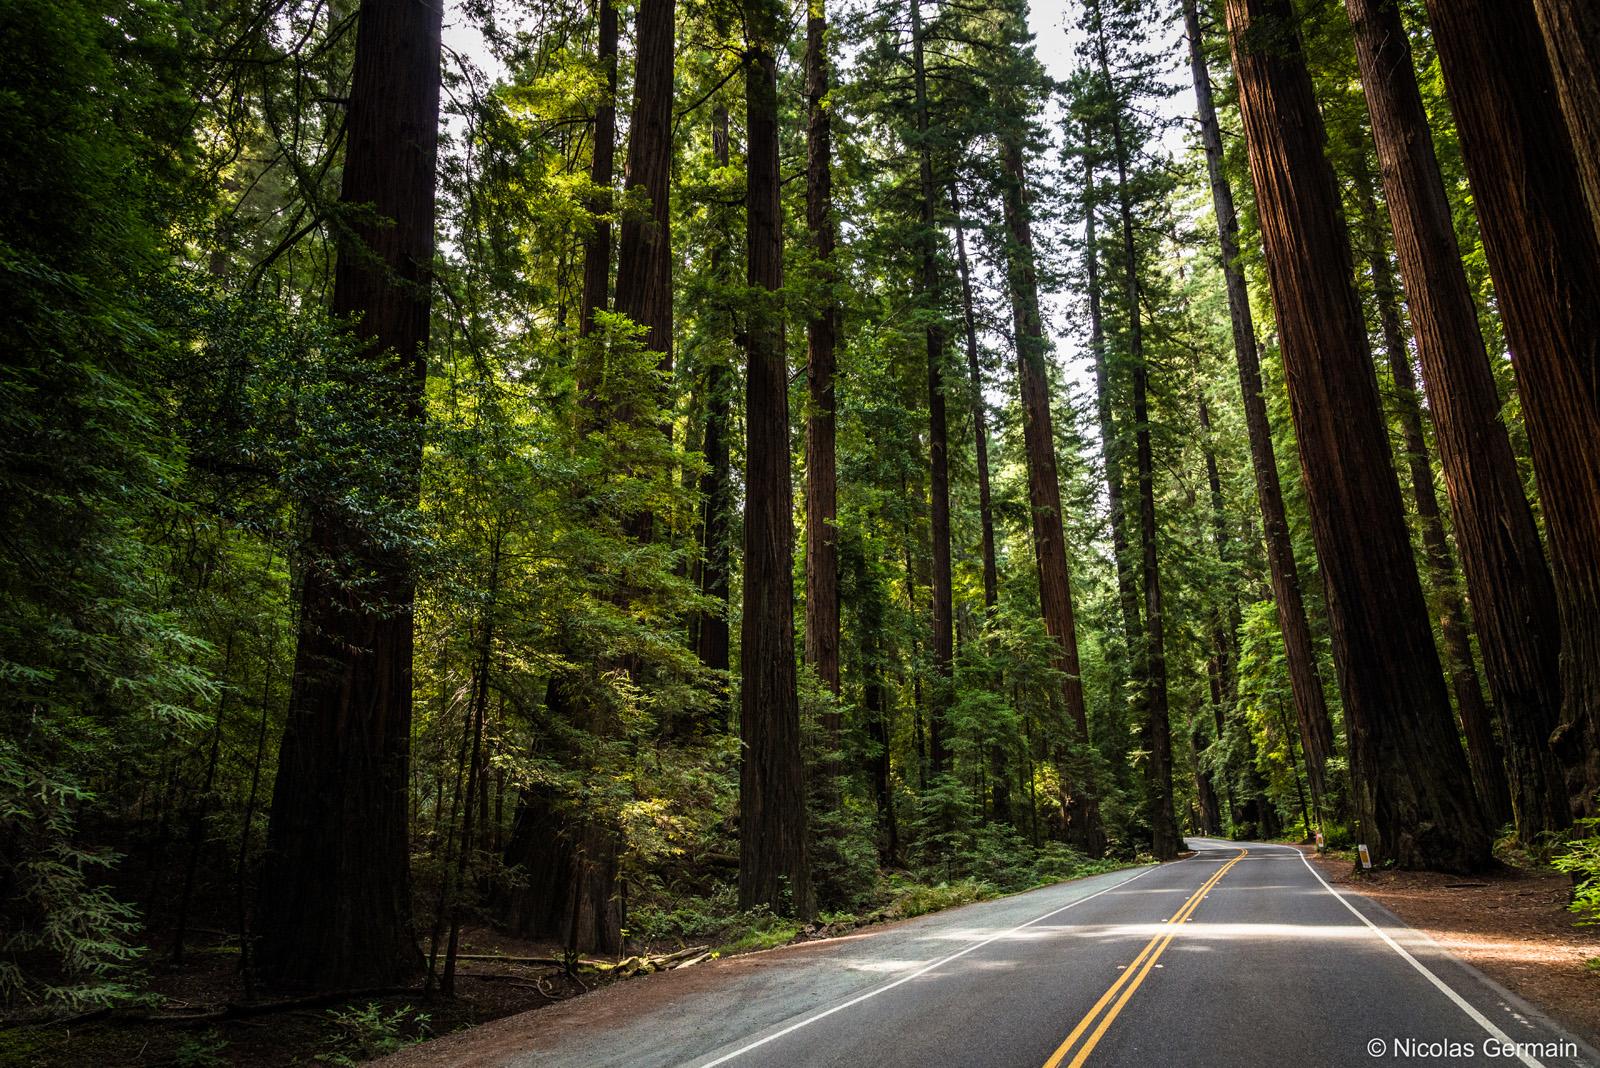 L'Avenue des Géants (Avenue of the Giants), bordée d'immenses pins et séquoias, dans le nord-ouest de la Californie